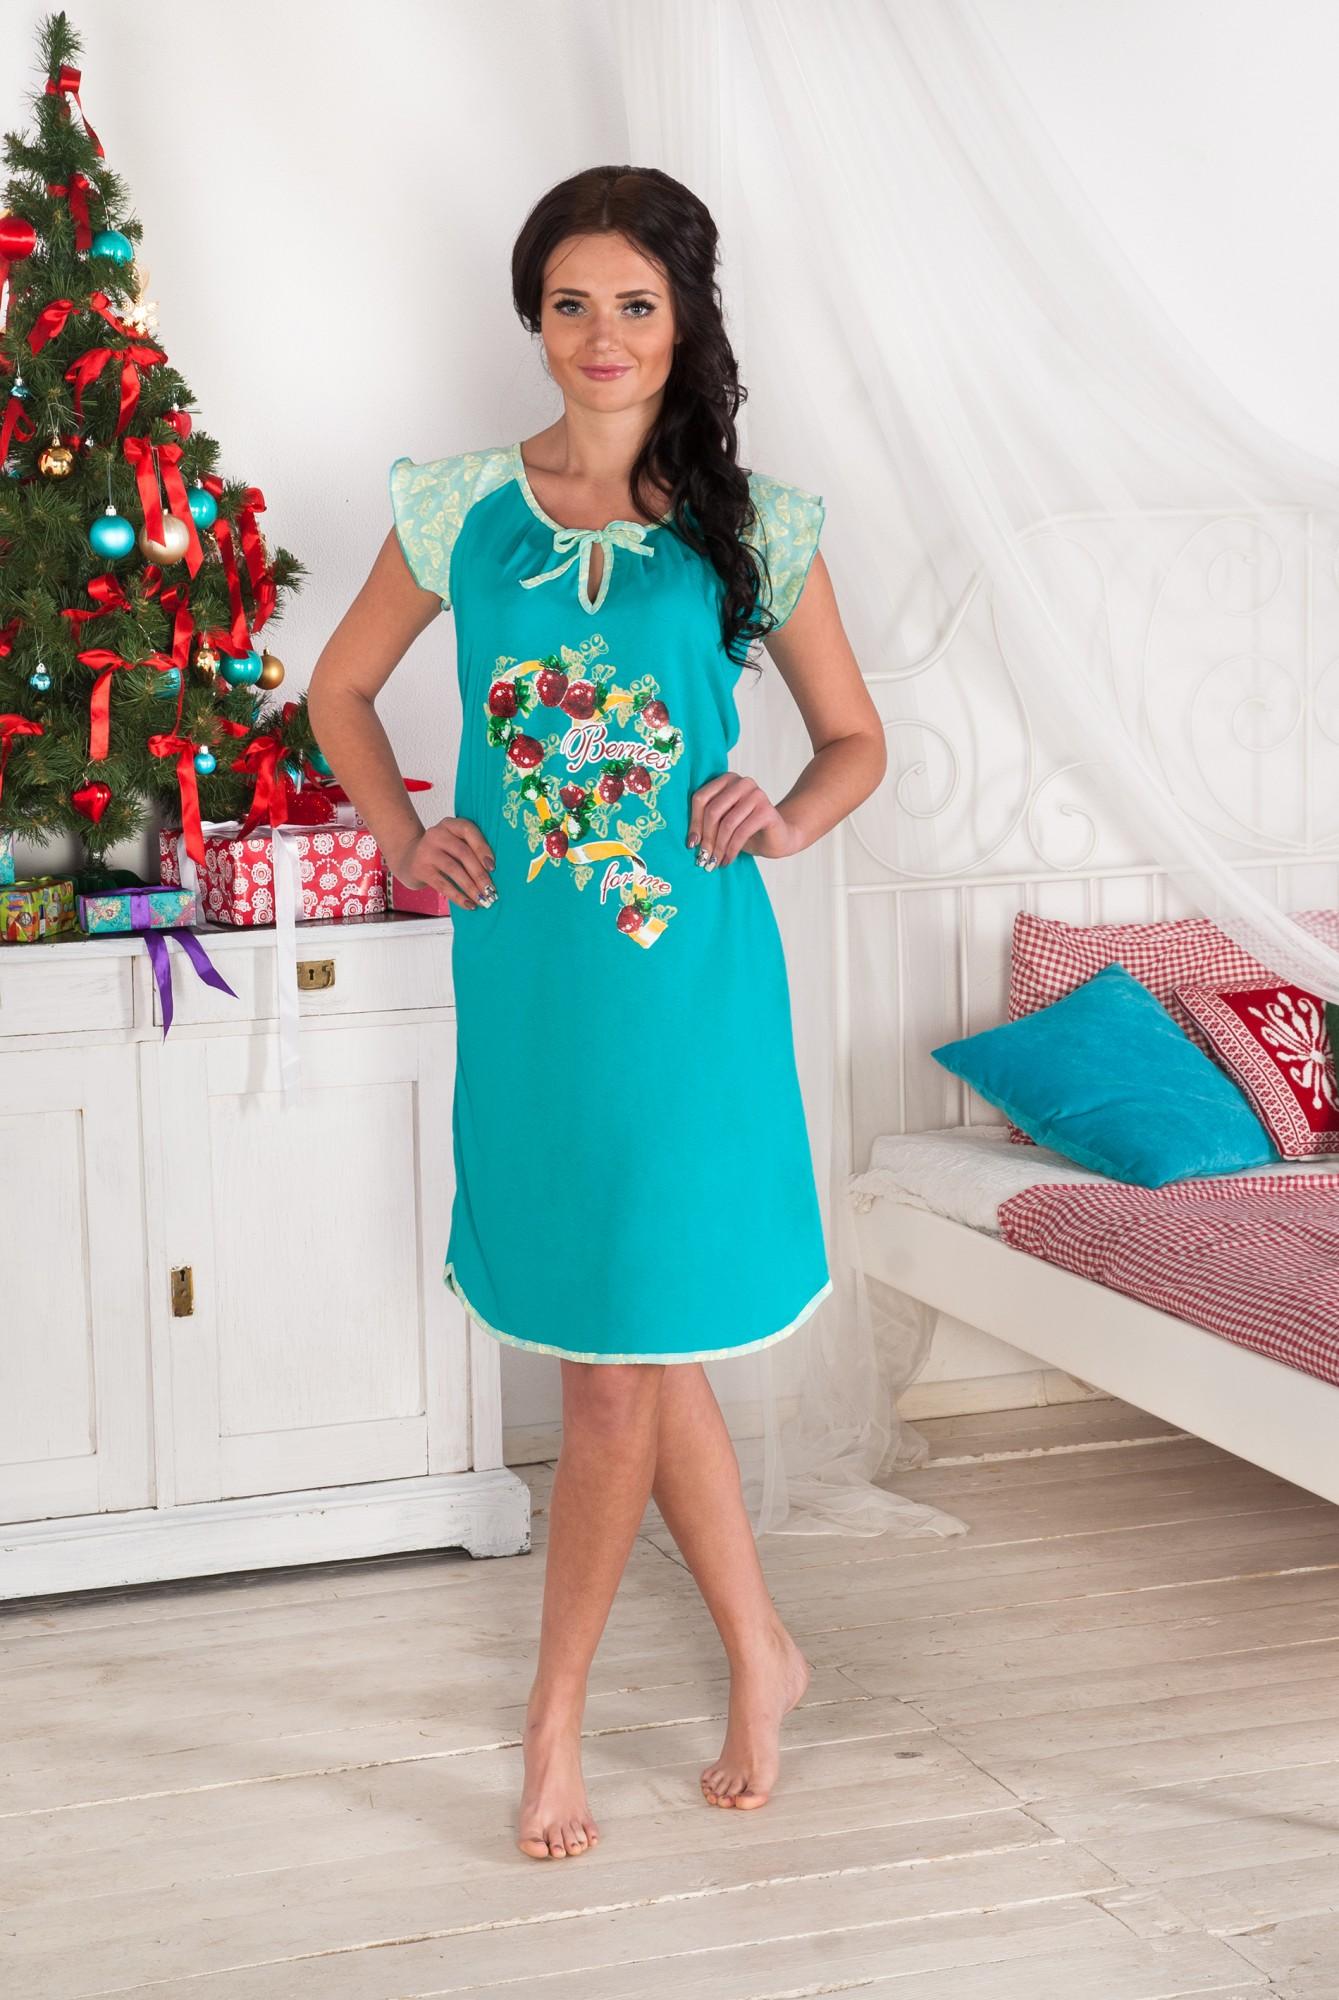 Сорочка женская Карамель с коротким рукавомСорочки<br><br><br>Размер: 58